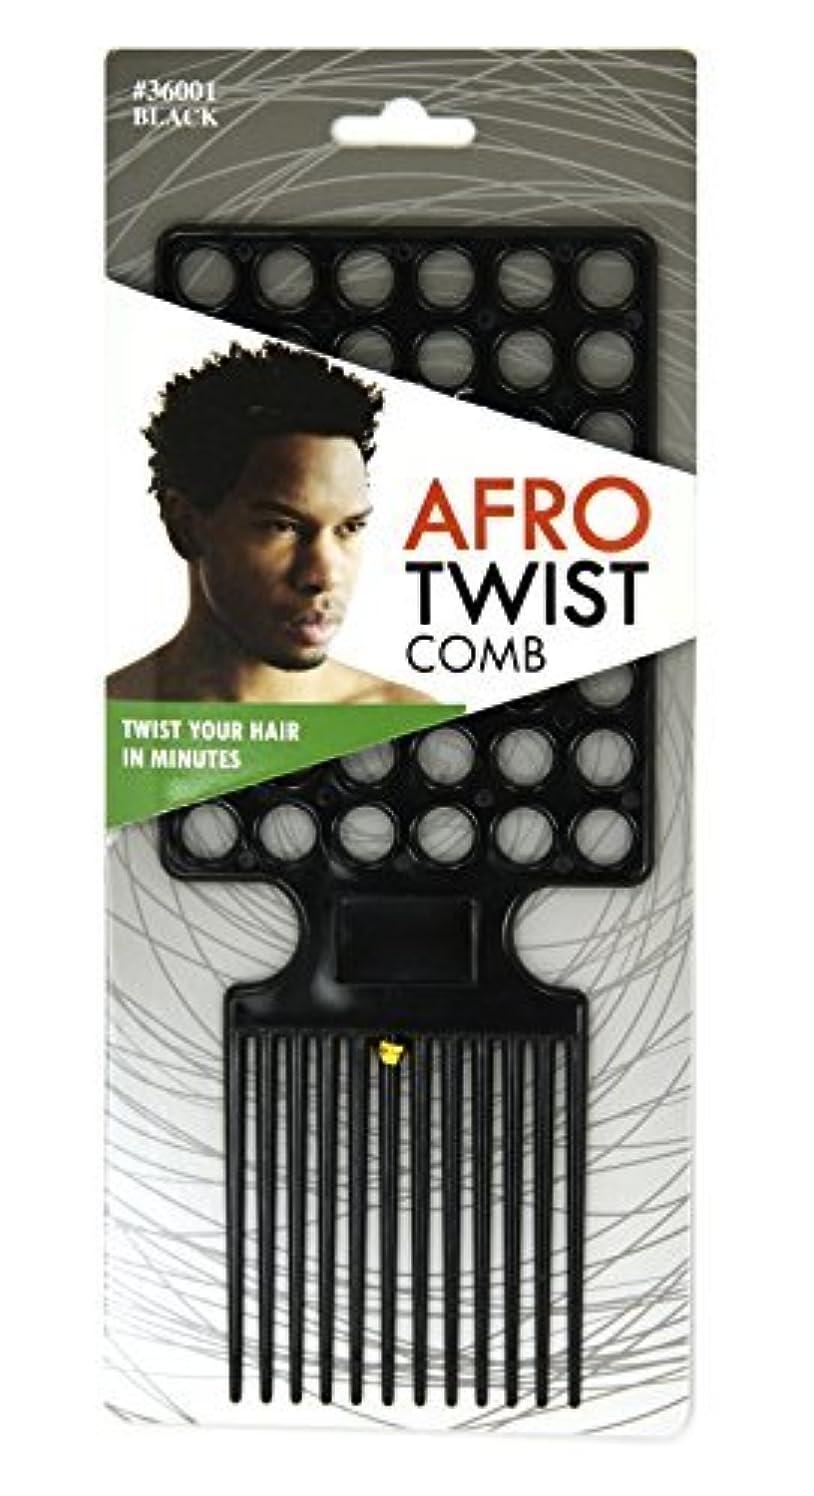 奪う感度口実Afro Twist Comb Black twist your hair in minutes [並行輸入品]